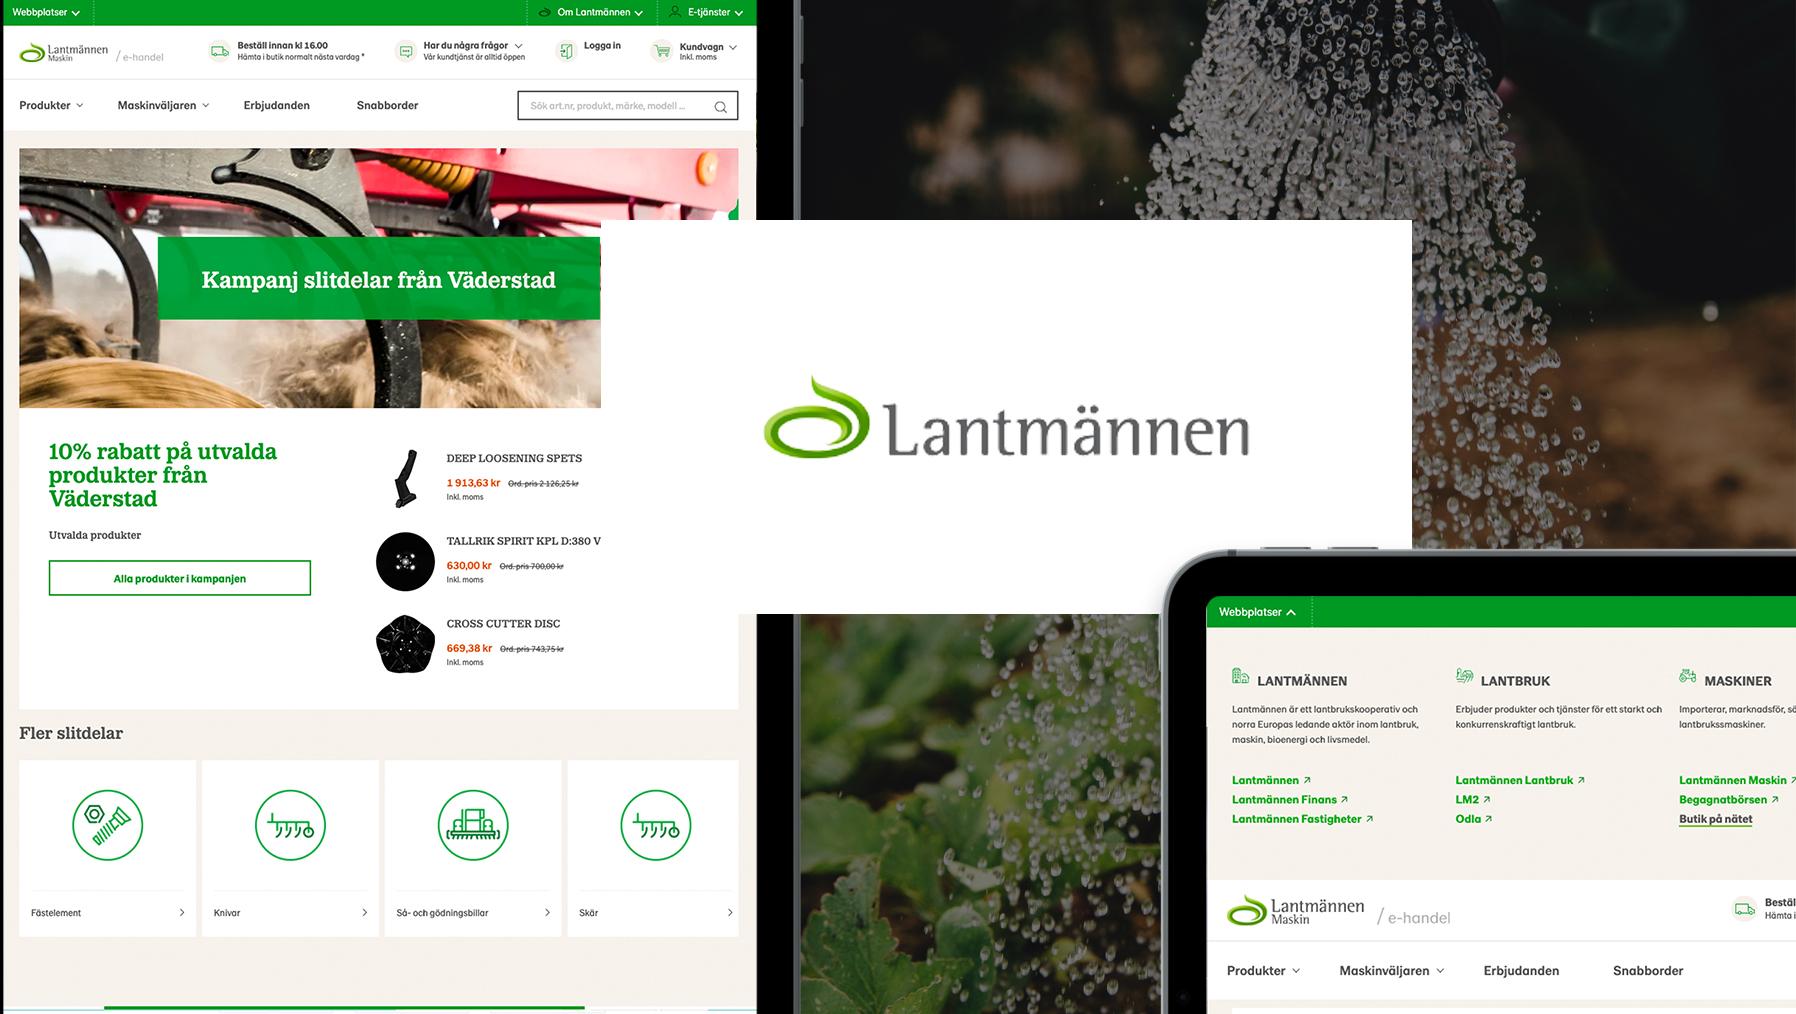 Lantmannen online store